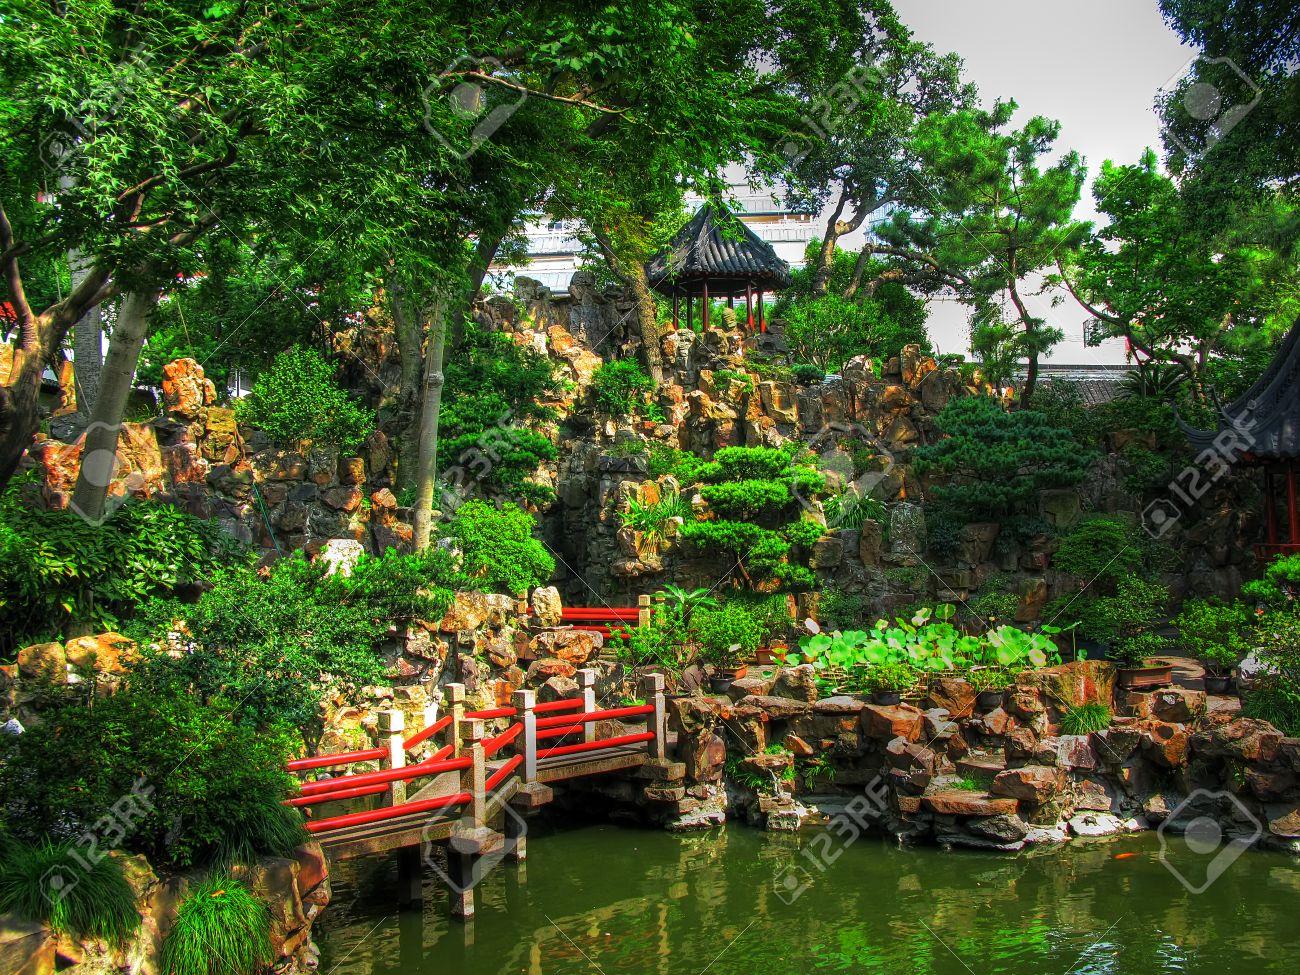 Le Jardin Du Mandarin Yu Il Est Un Jardin Chinois Classique Situe Dans Le Nord Est De La Vieille Ville De Shanghai En Chine